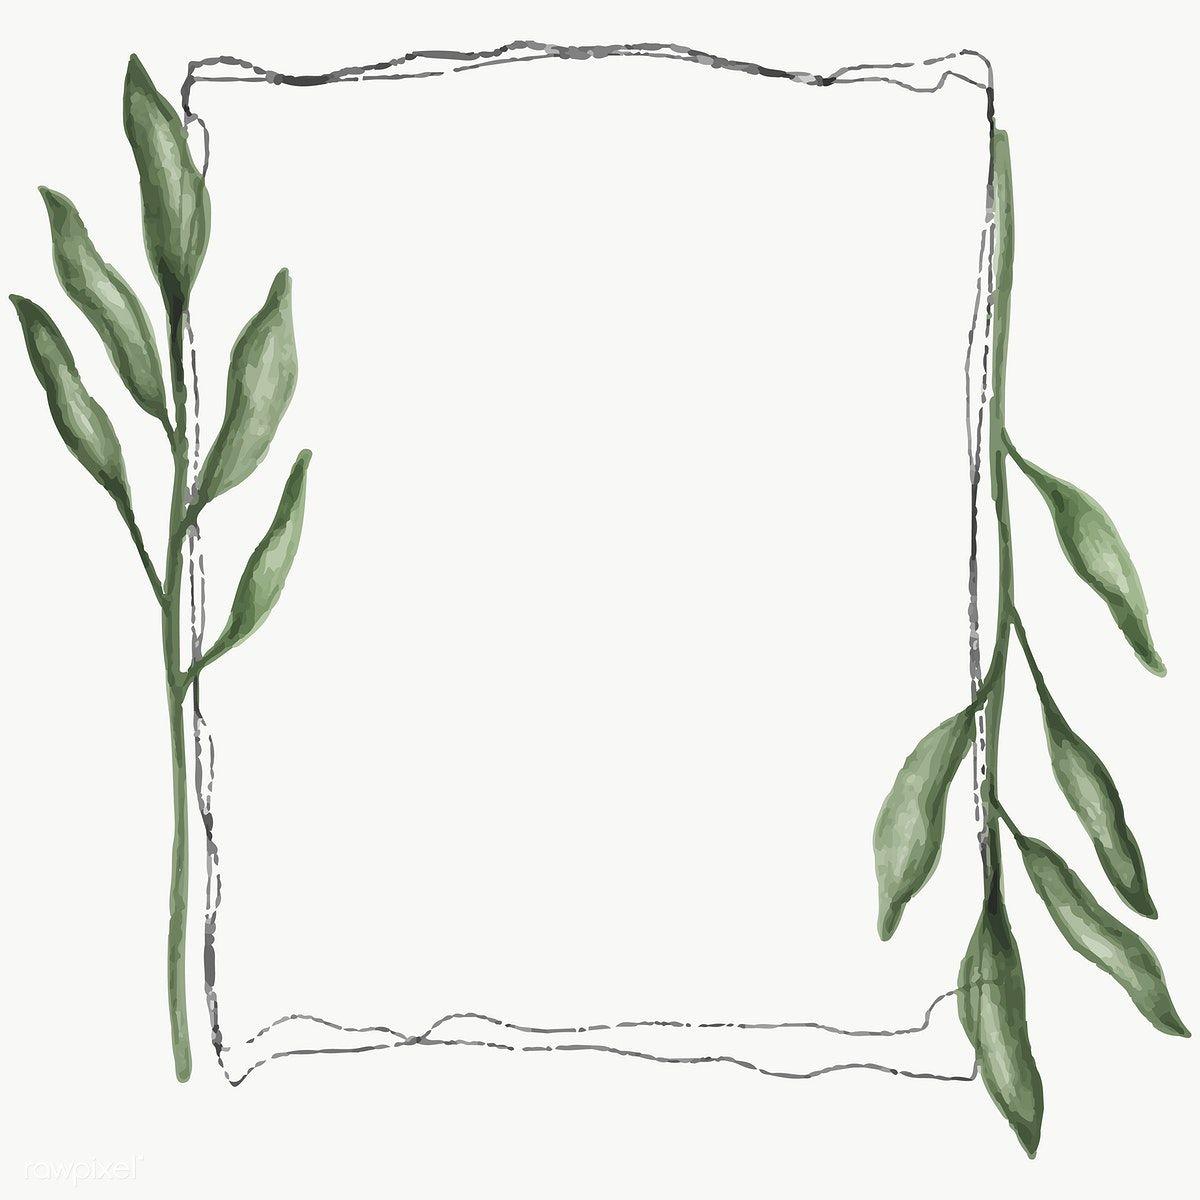 Rectangle Floral Frame Transparent Png Premium Image By Rawpixel Com Noon Png Element Decoration Illustration Design Artwork Plants Botanical Kartu